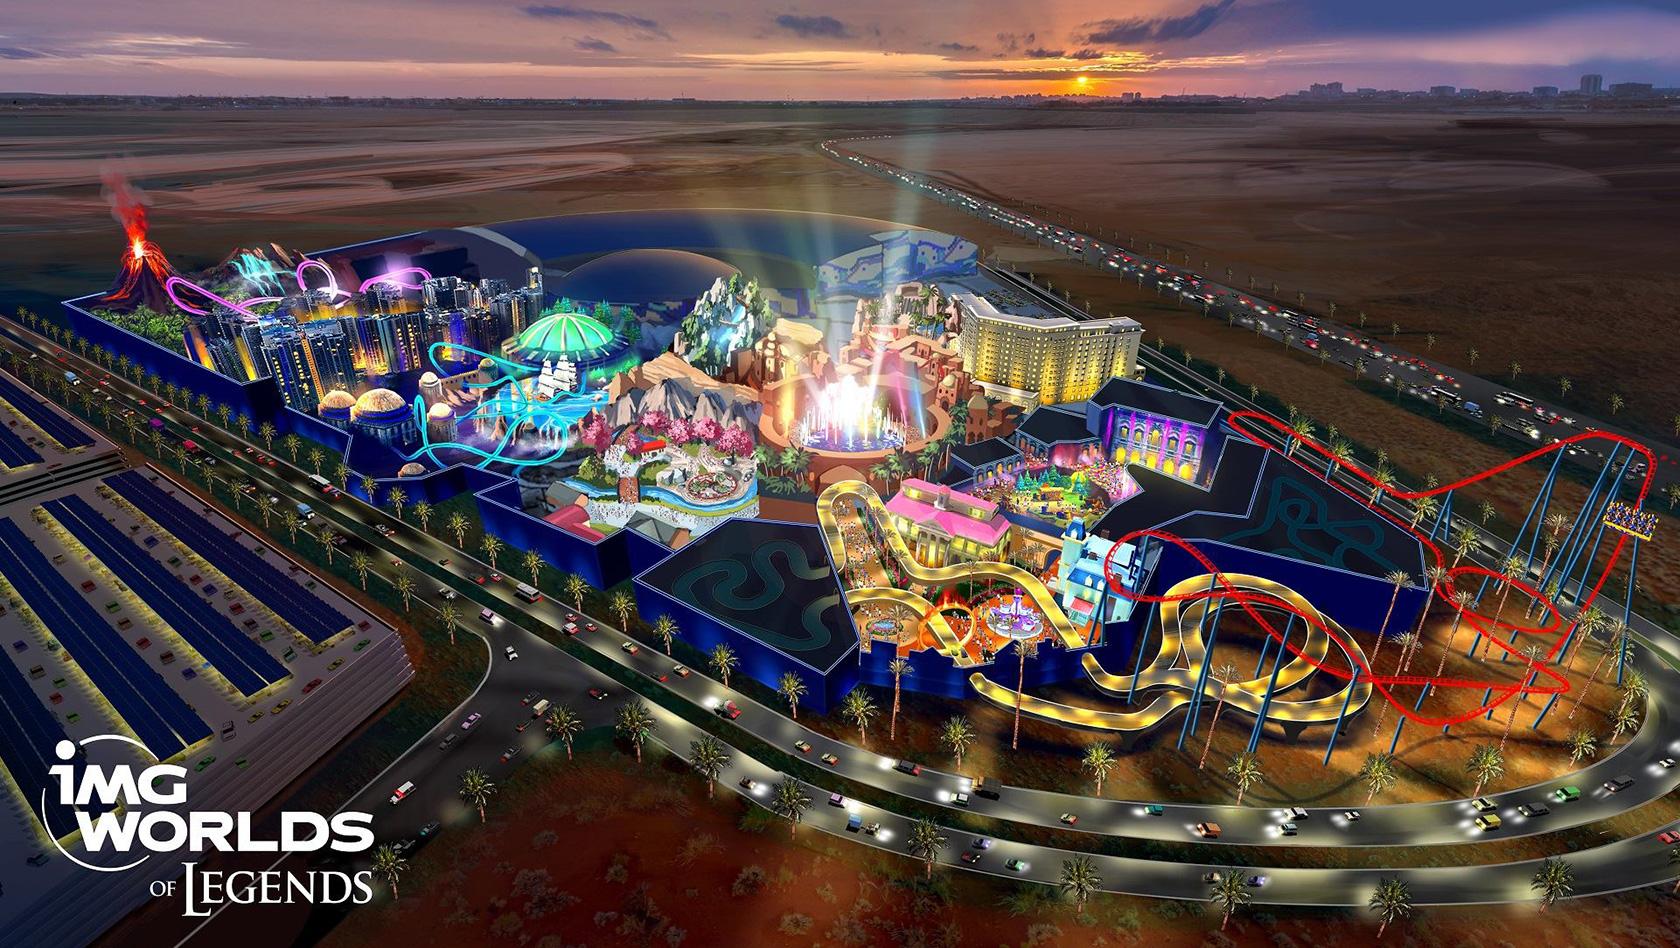 indoor-freizeitpark img worlds of adventure eröffnet in dubai